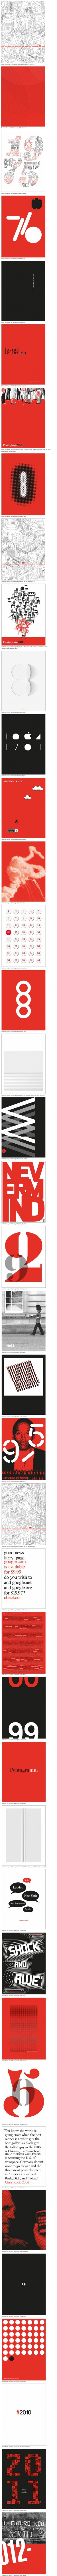 Graphisme & interactivité blog par Geoffrey Dorne